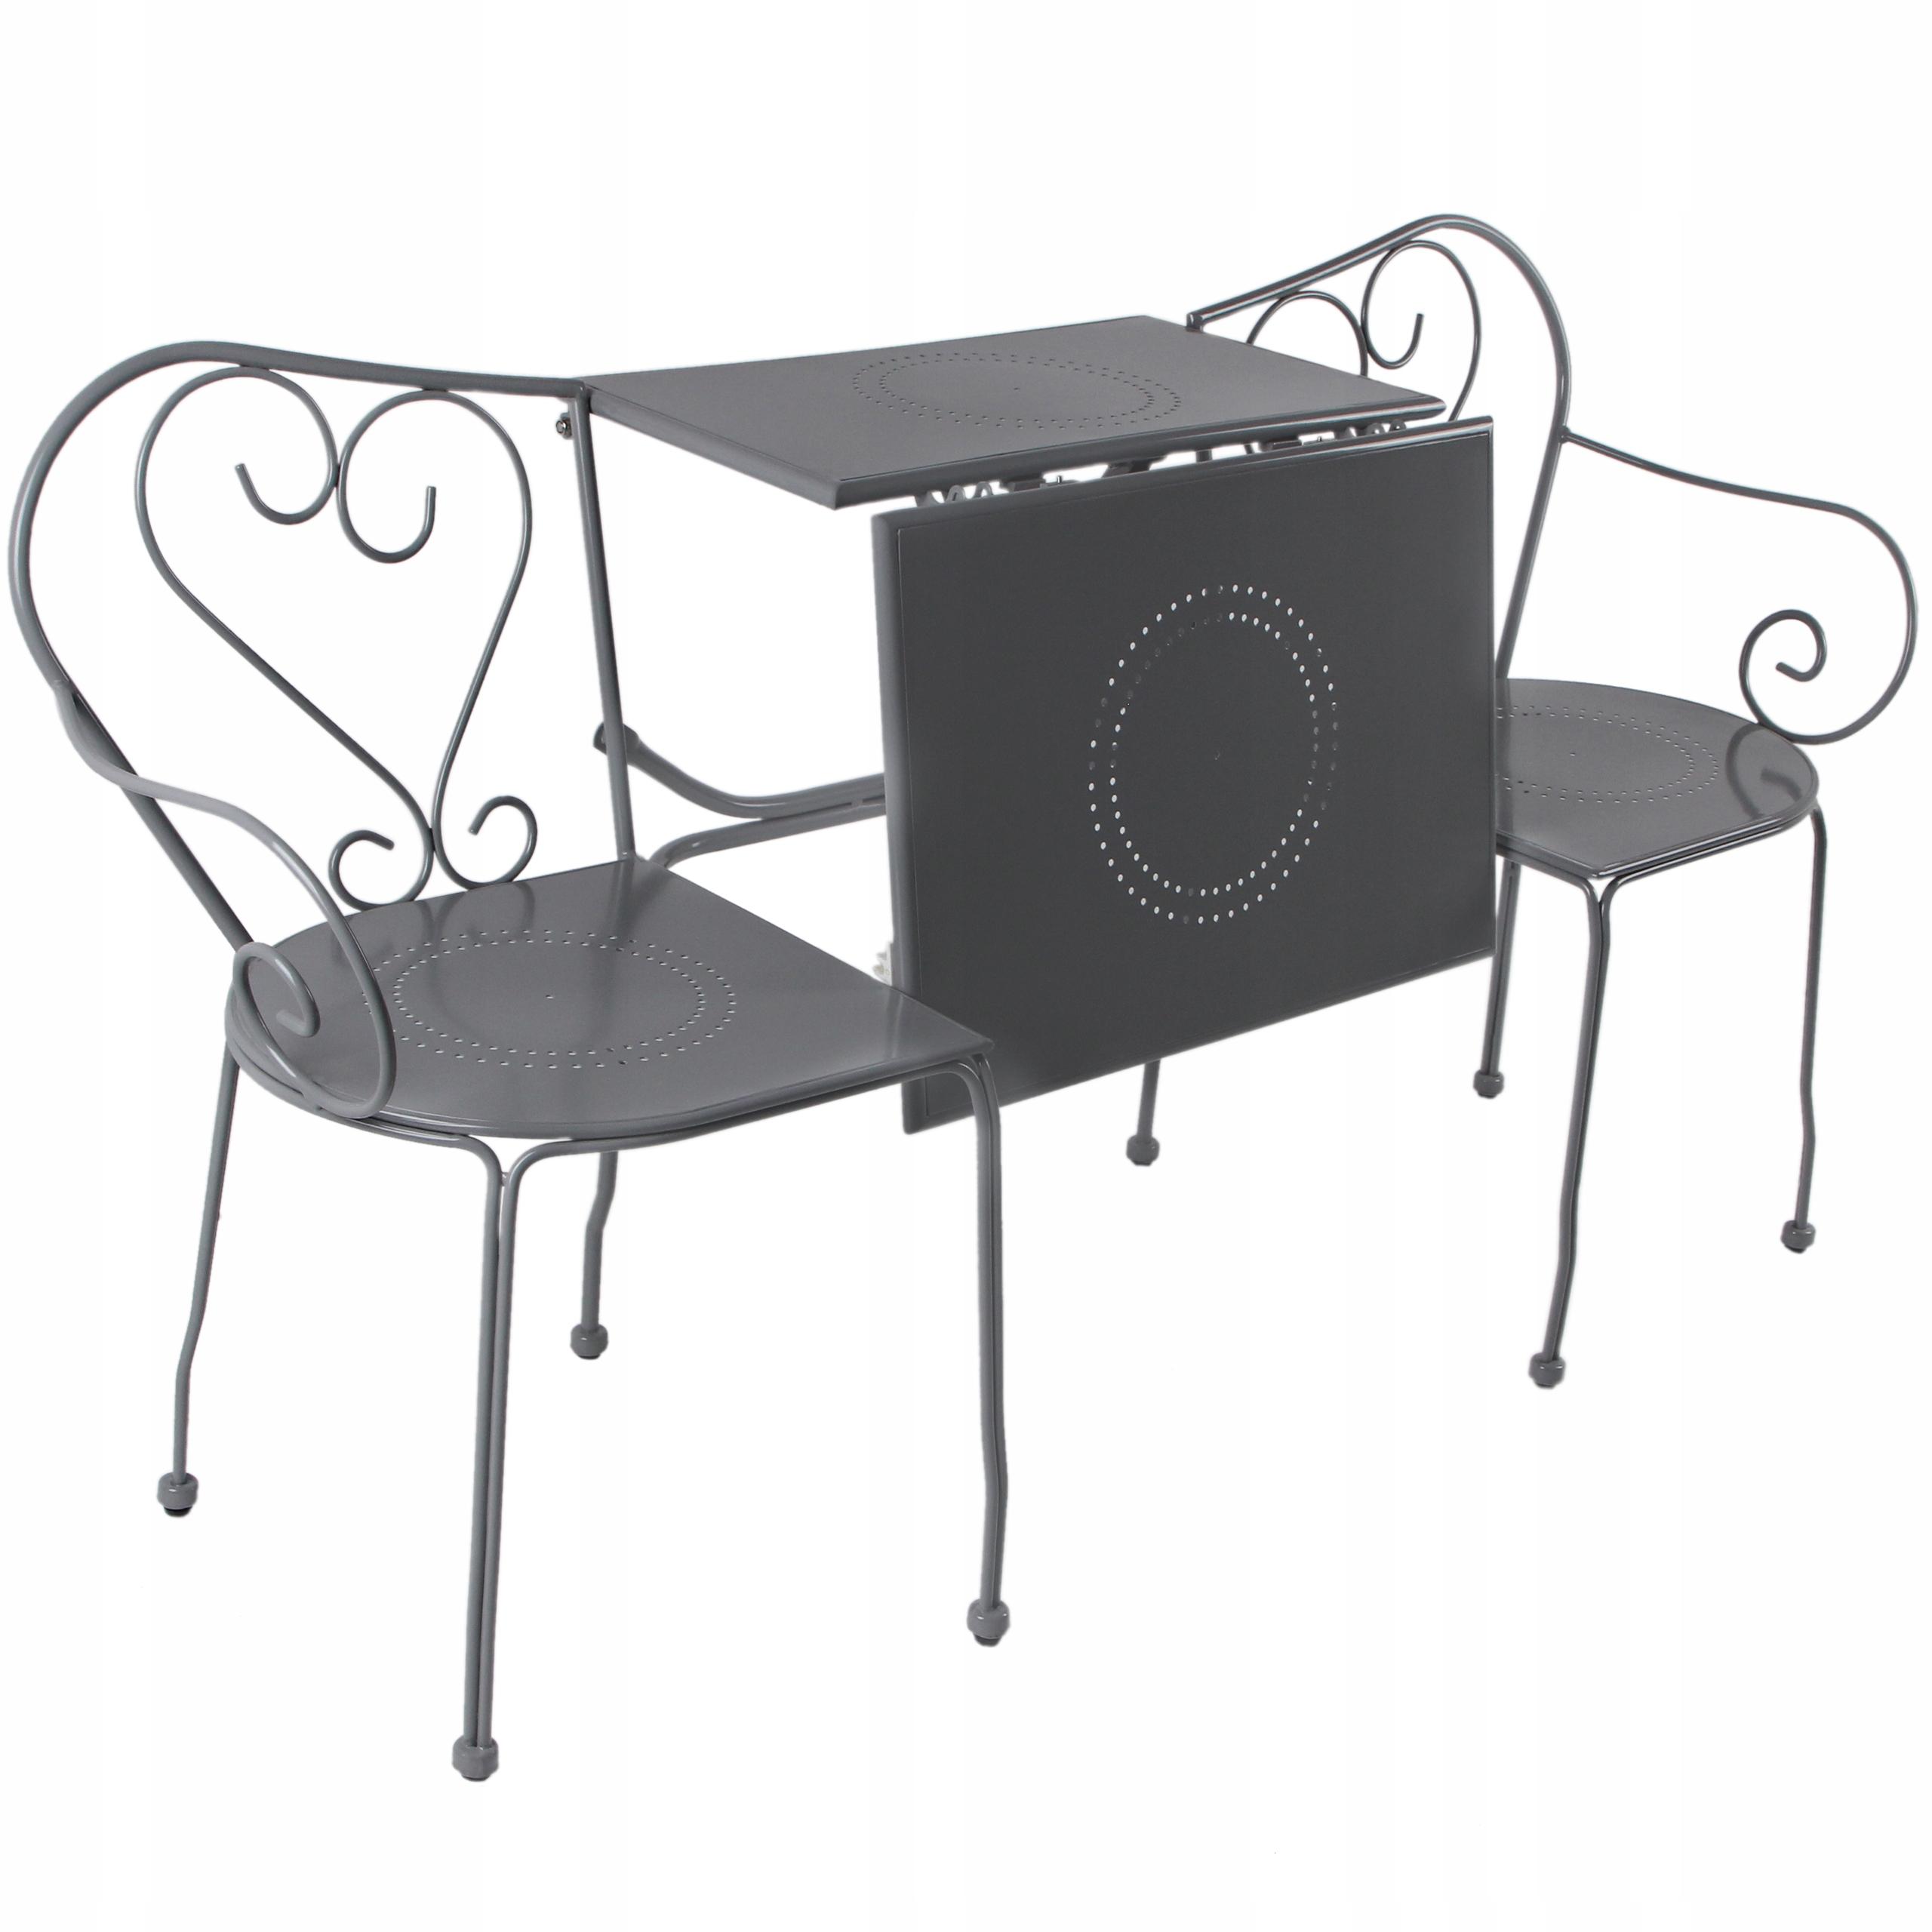 Záhradný nábytok Sada stoličkových stoličiek 3v1 od výrobcu Esschert Design